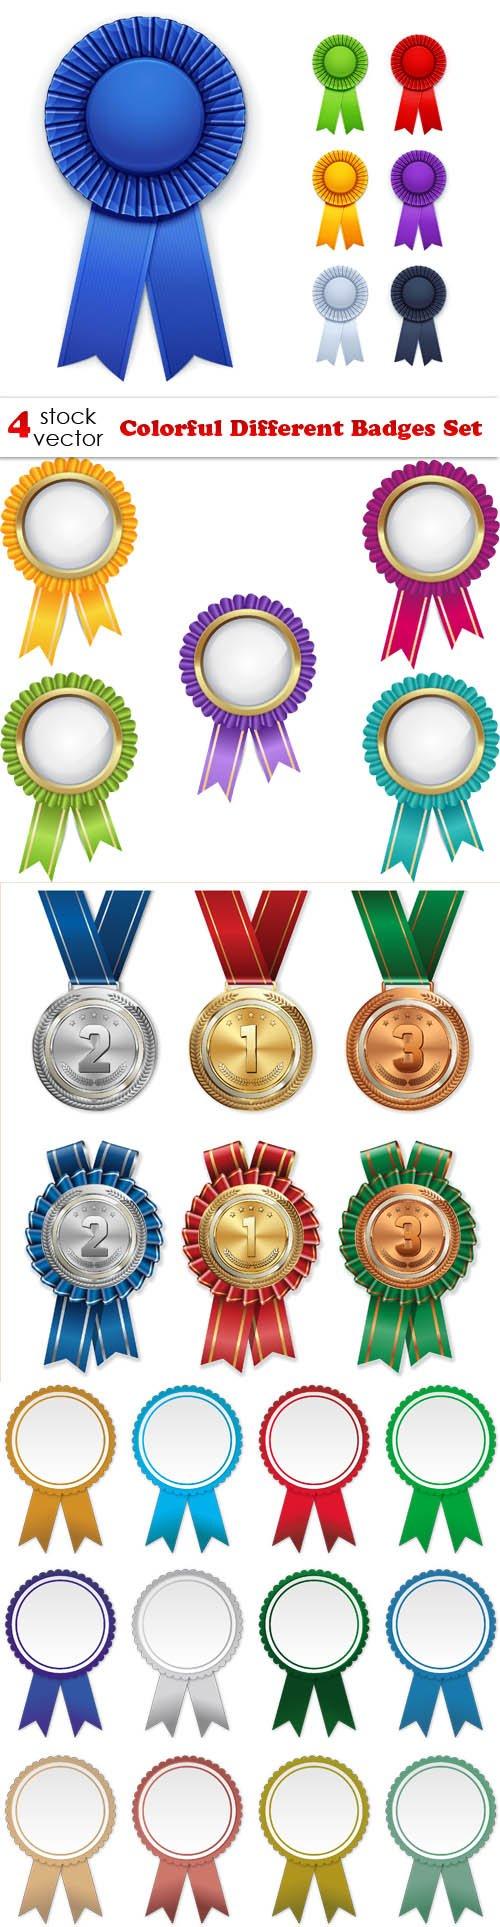 Vectors - Colorful Different Badges Set